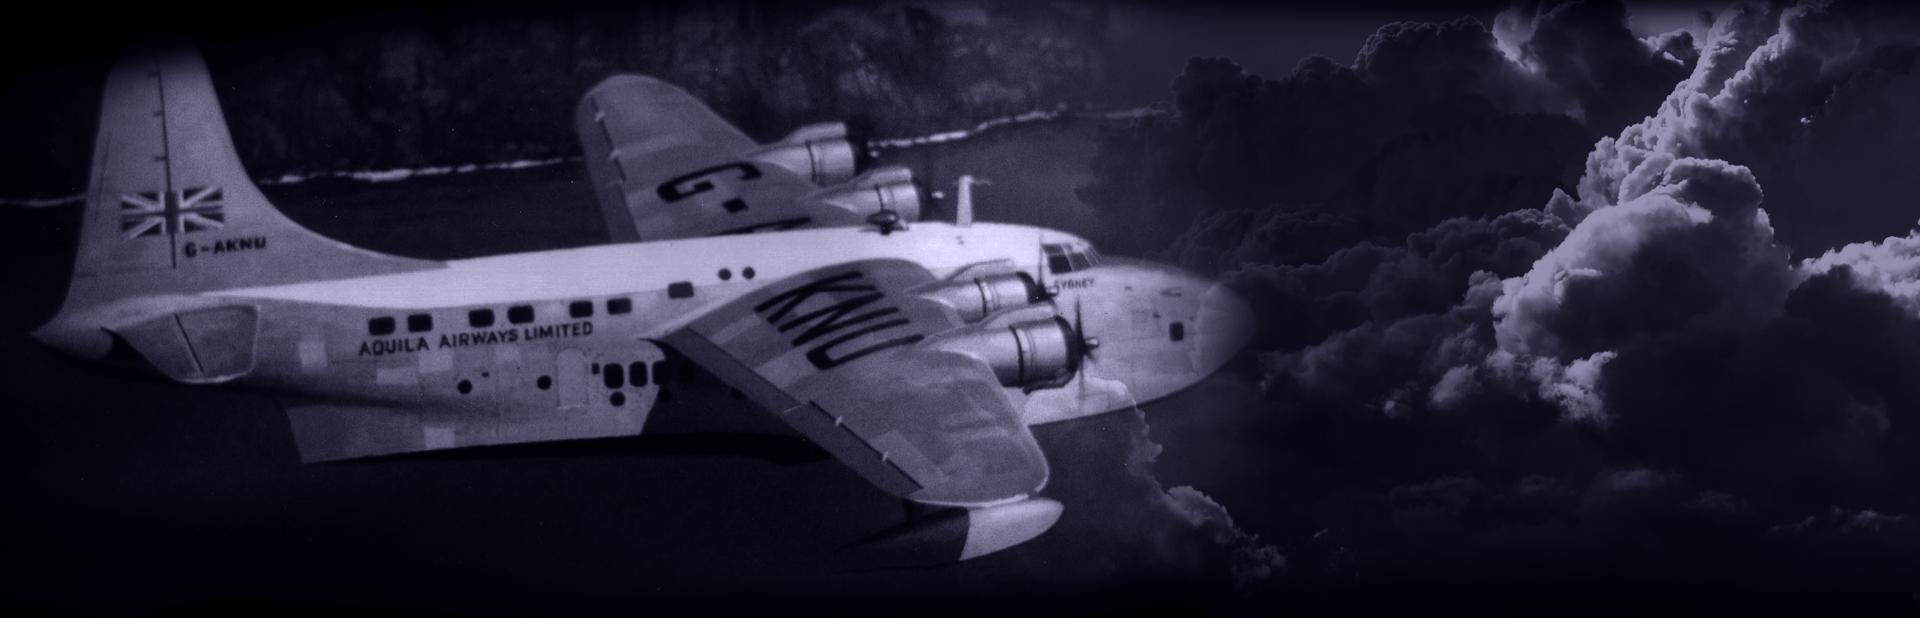 1957 Aquila Airways Solent crash